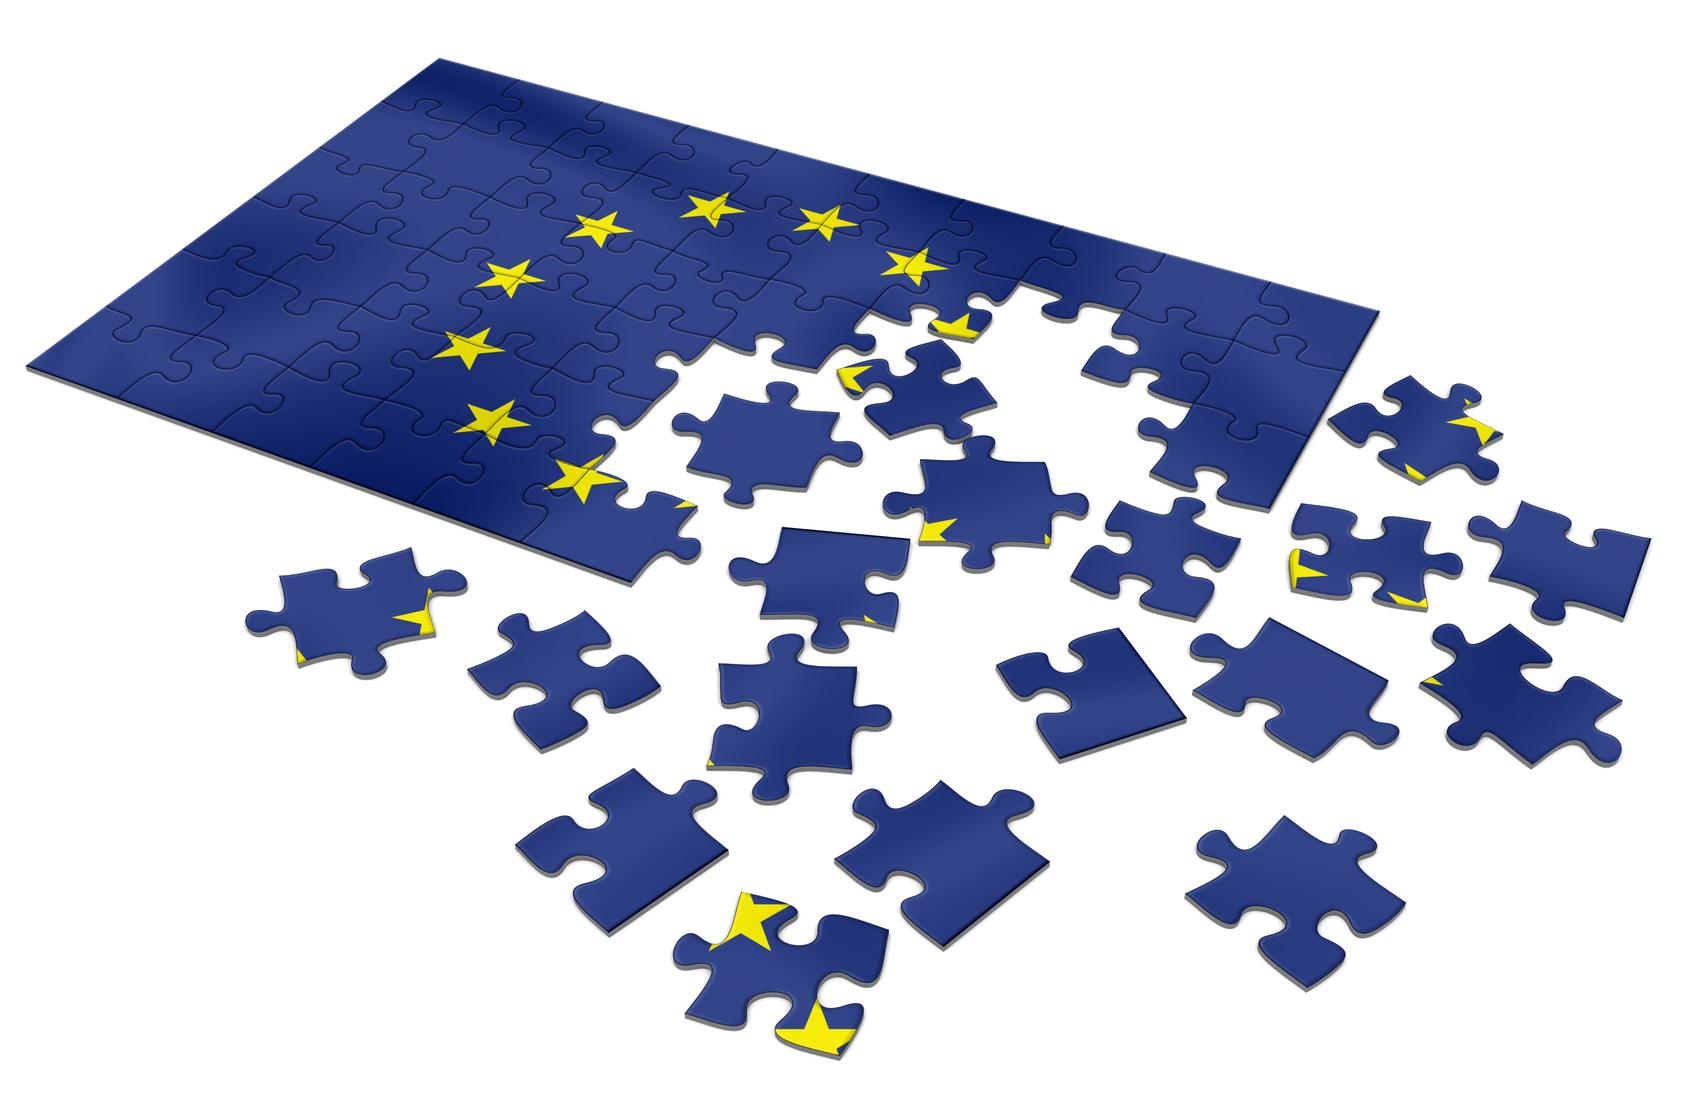 L'Europe : problème ou solution ?